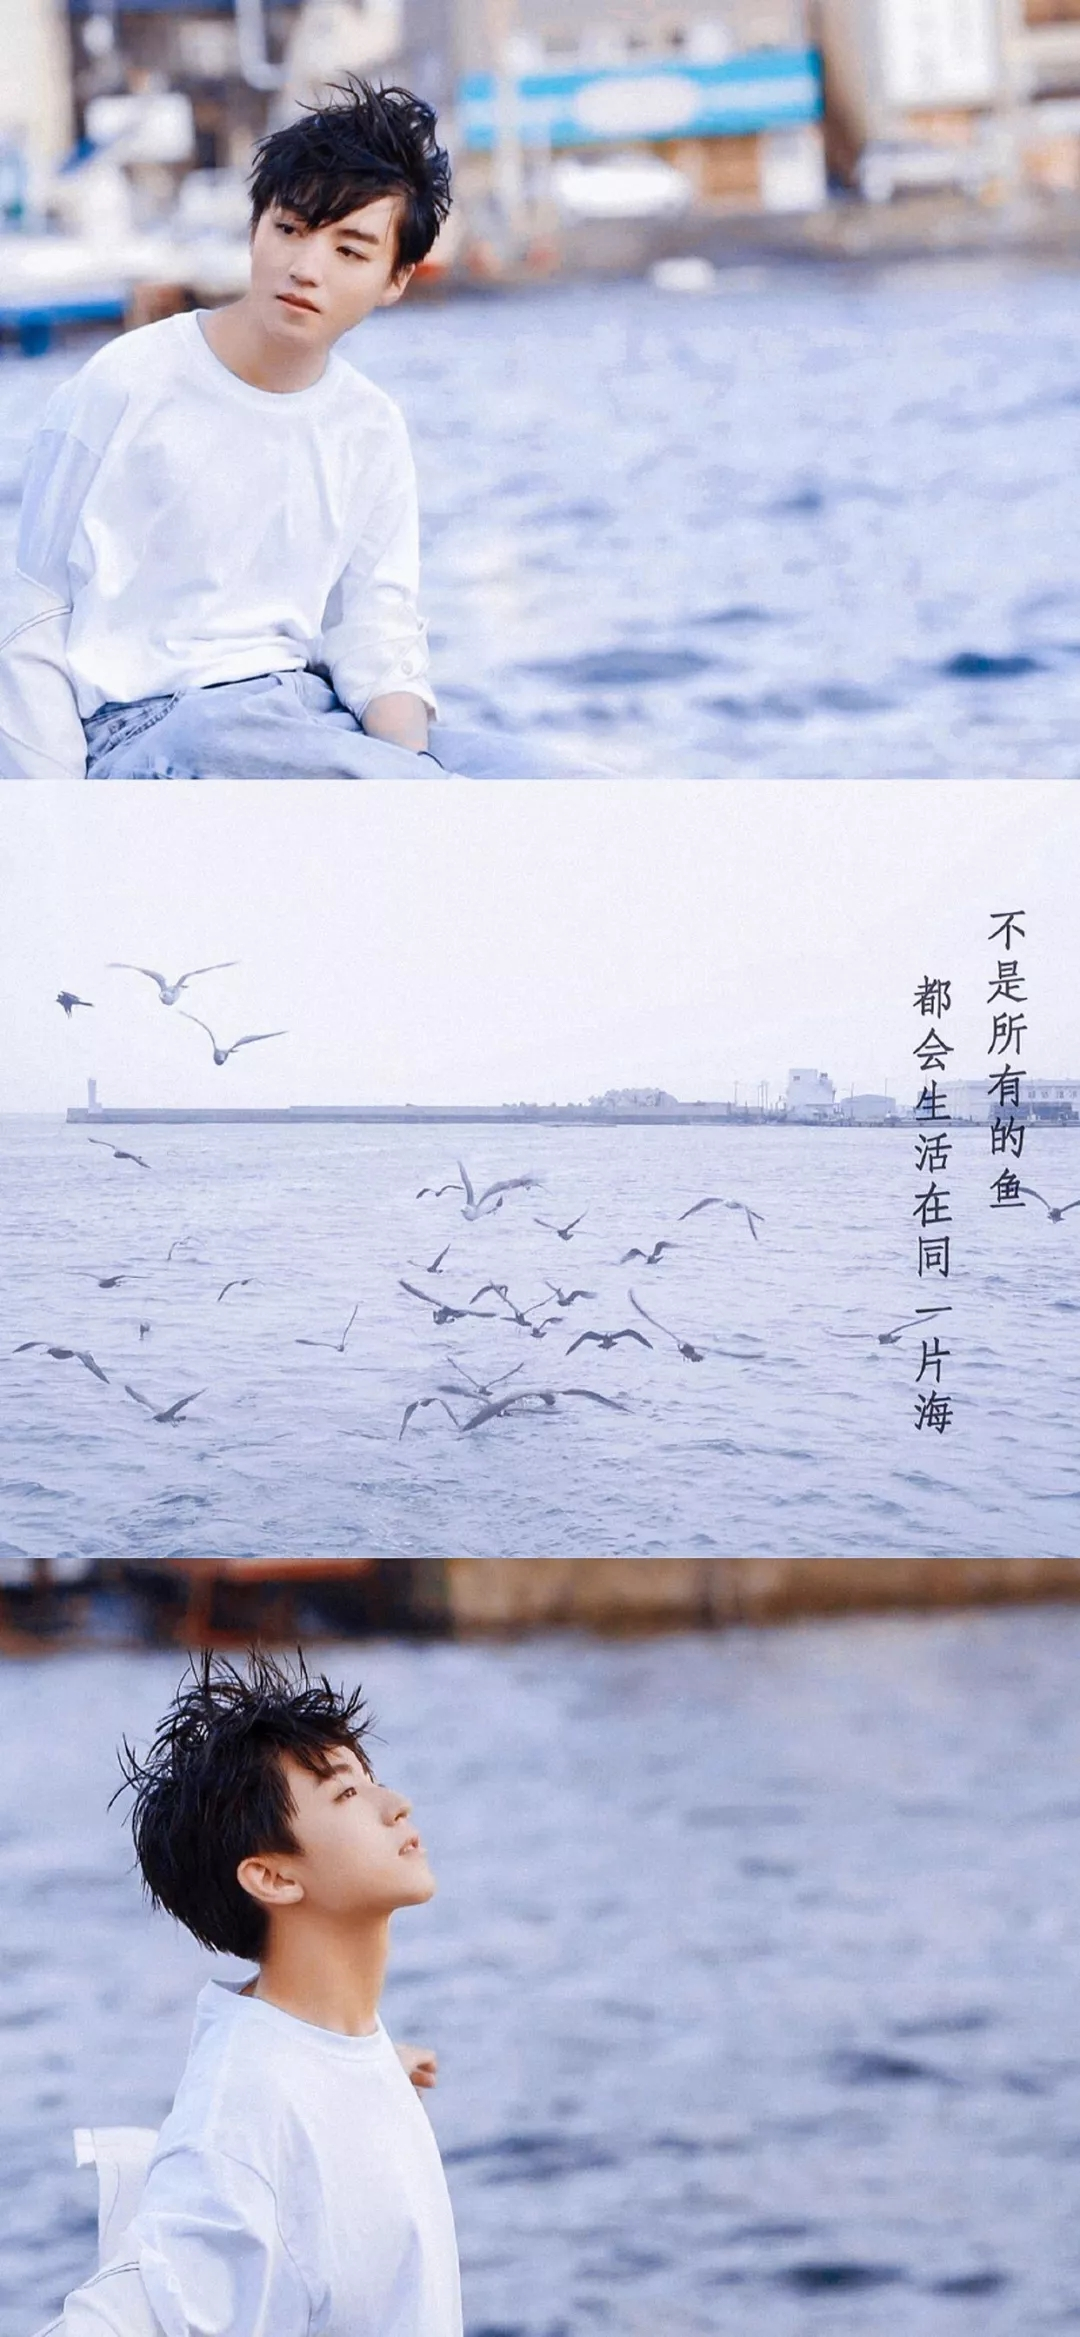 王俊凯壁纸三格拼接高清原图 阳光帅气